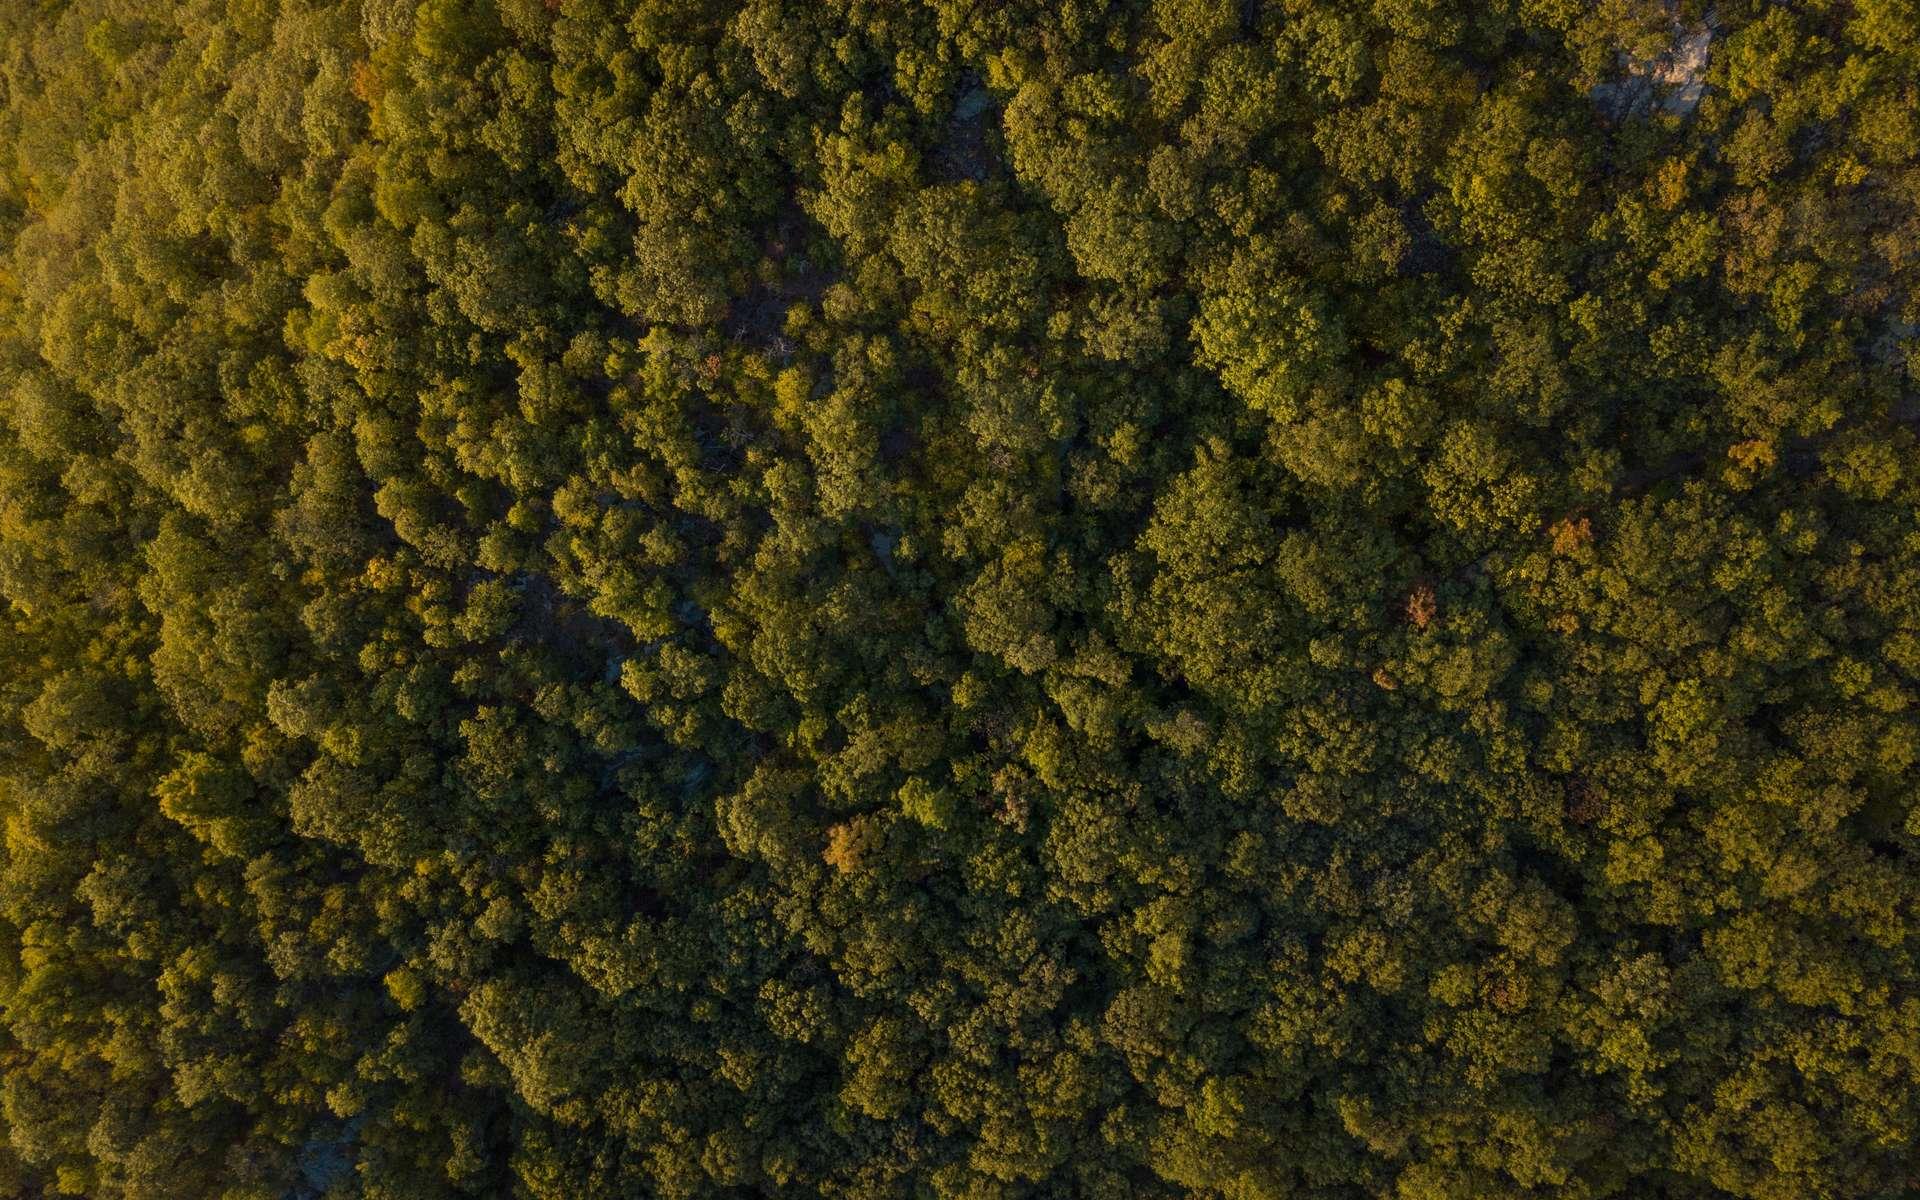 Les forêts européennes ne peuvent pas lutter seules contre le réchauffement. © Heather Shevlin, Unsplash